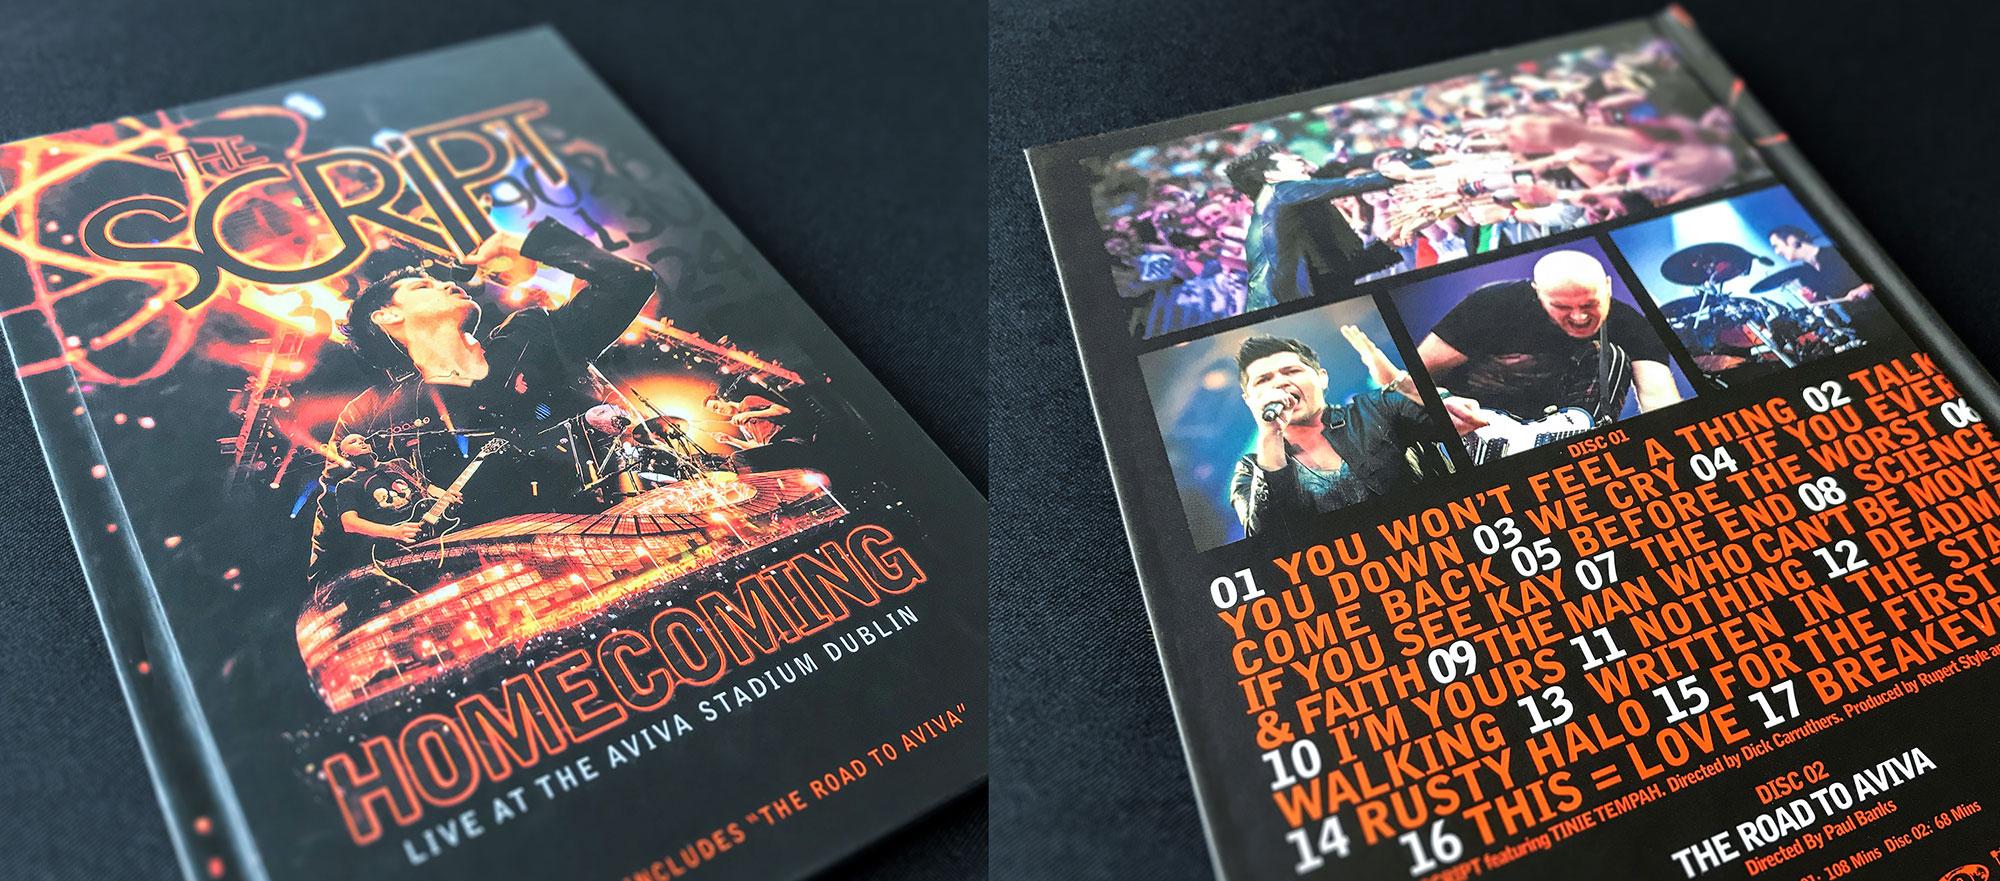 The Scrip DVD Aviva Design Vinyl Dublin London